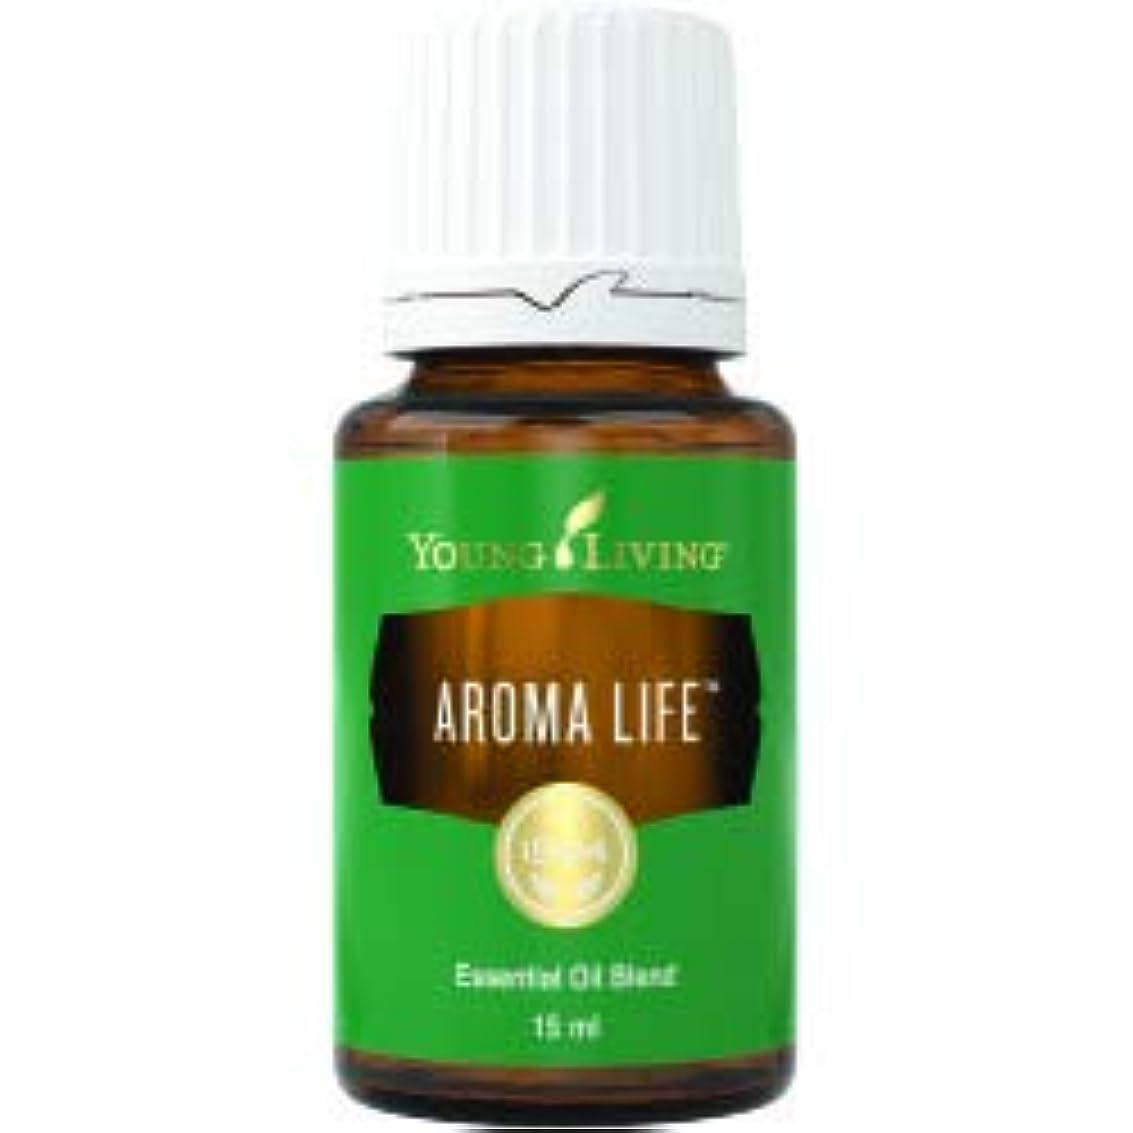 晩ごはんカスタム閃光アロマライフ™は、イランイランの調和効果と既知の大手サイプレス、ヘリクリサム、マジョラムを組み合わせたものです。オイルブレンドはあなたの生命力を活性化し、リラックスをもたらします Aroma Life Essential...